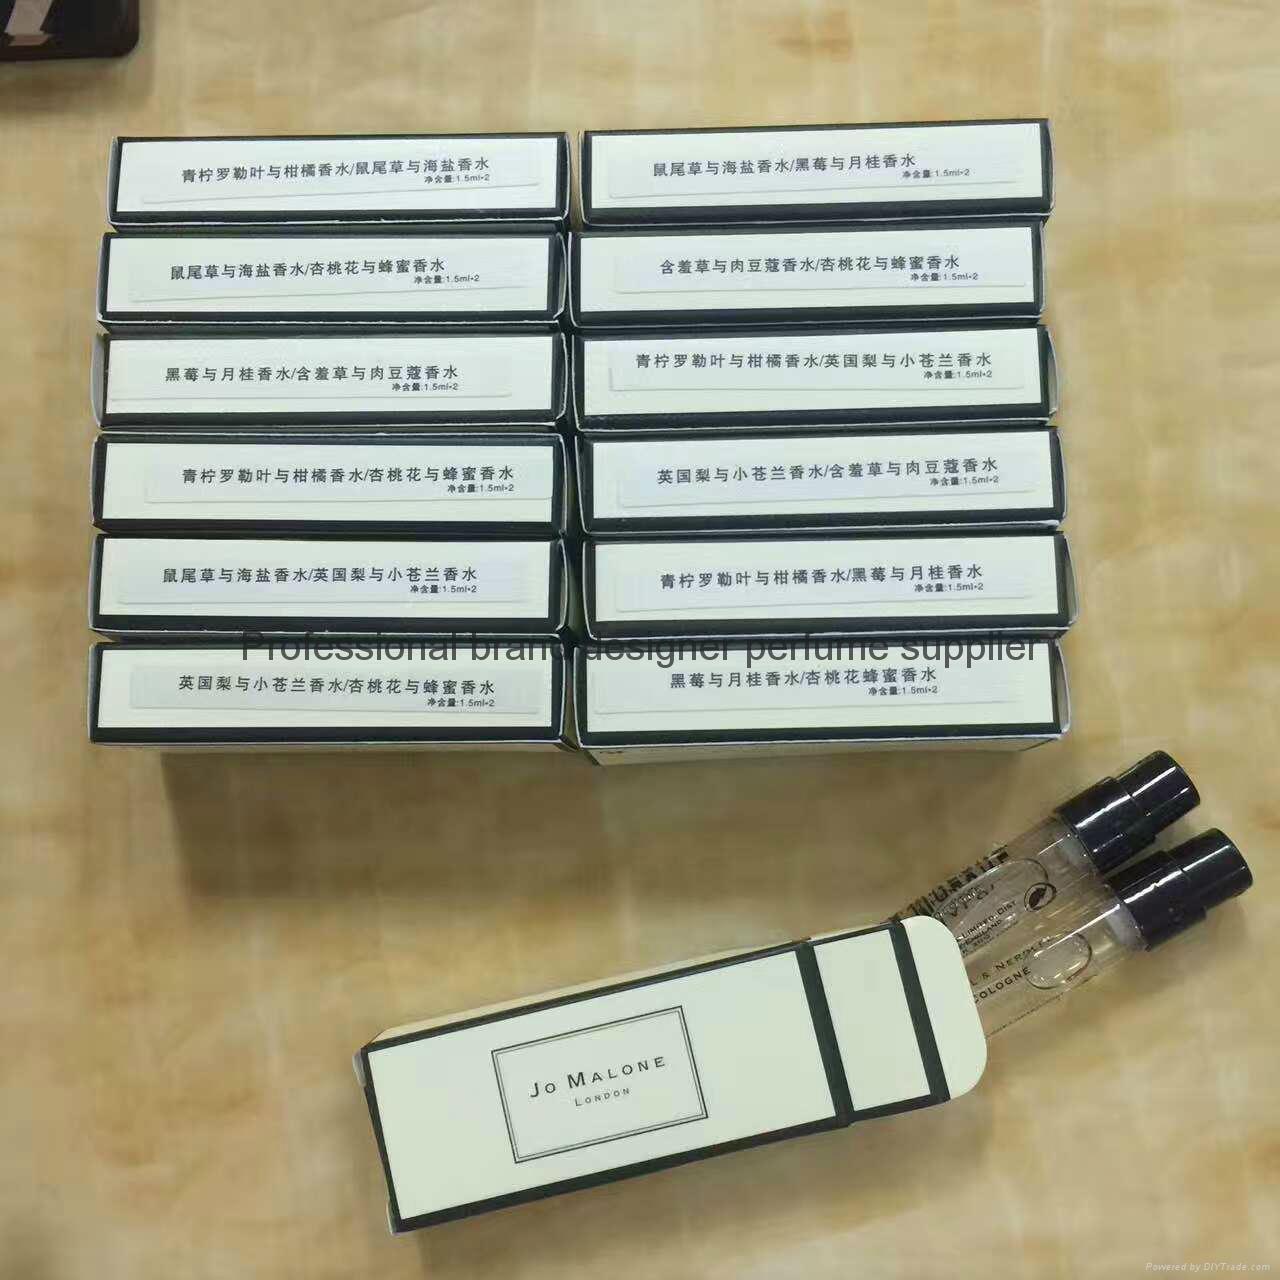 Jo malone Small size 9ml*2 perfume gift set